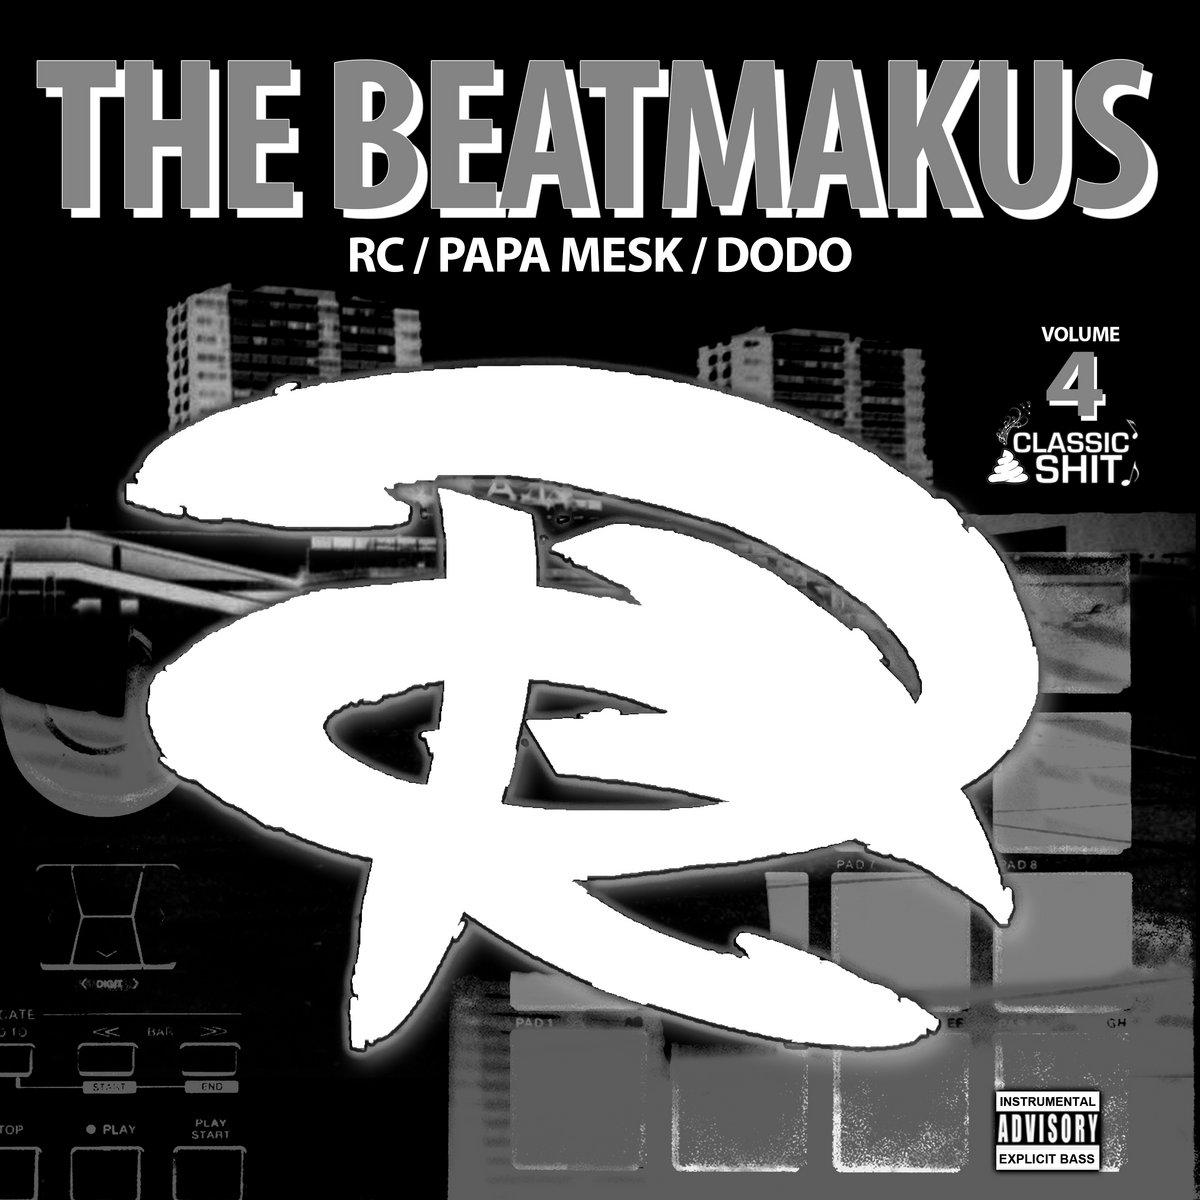 """Album vinyle """"The RC Beatmakus volumes 4"""" de the rc beatmakus sur Scredboutique.com"""